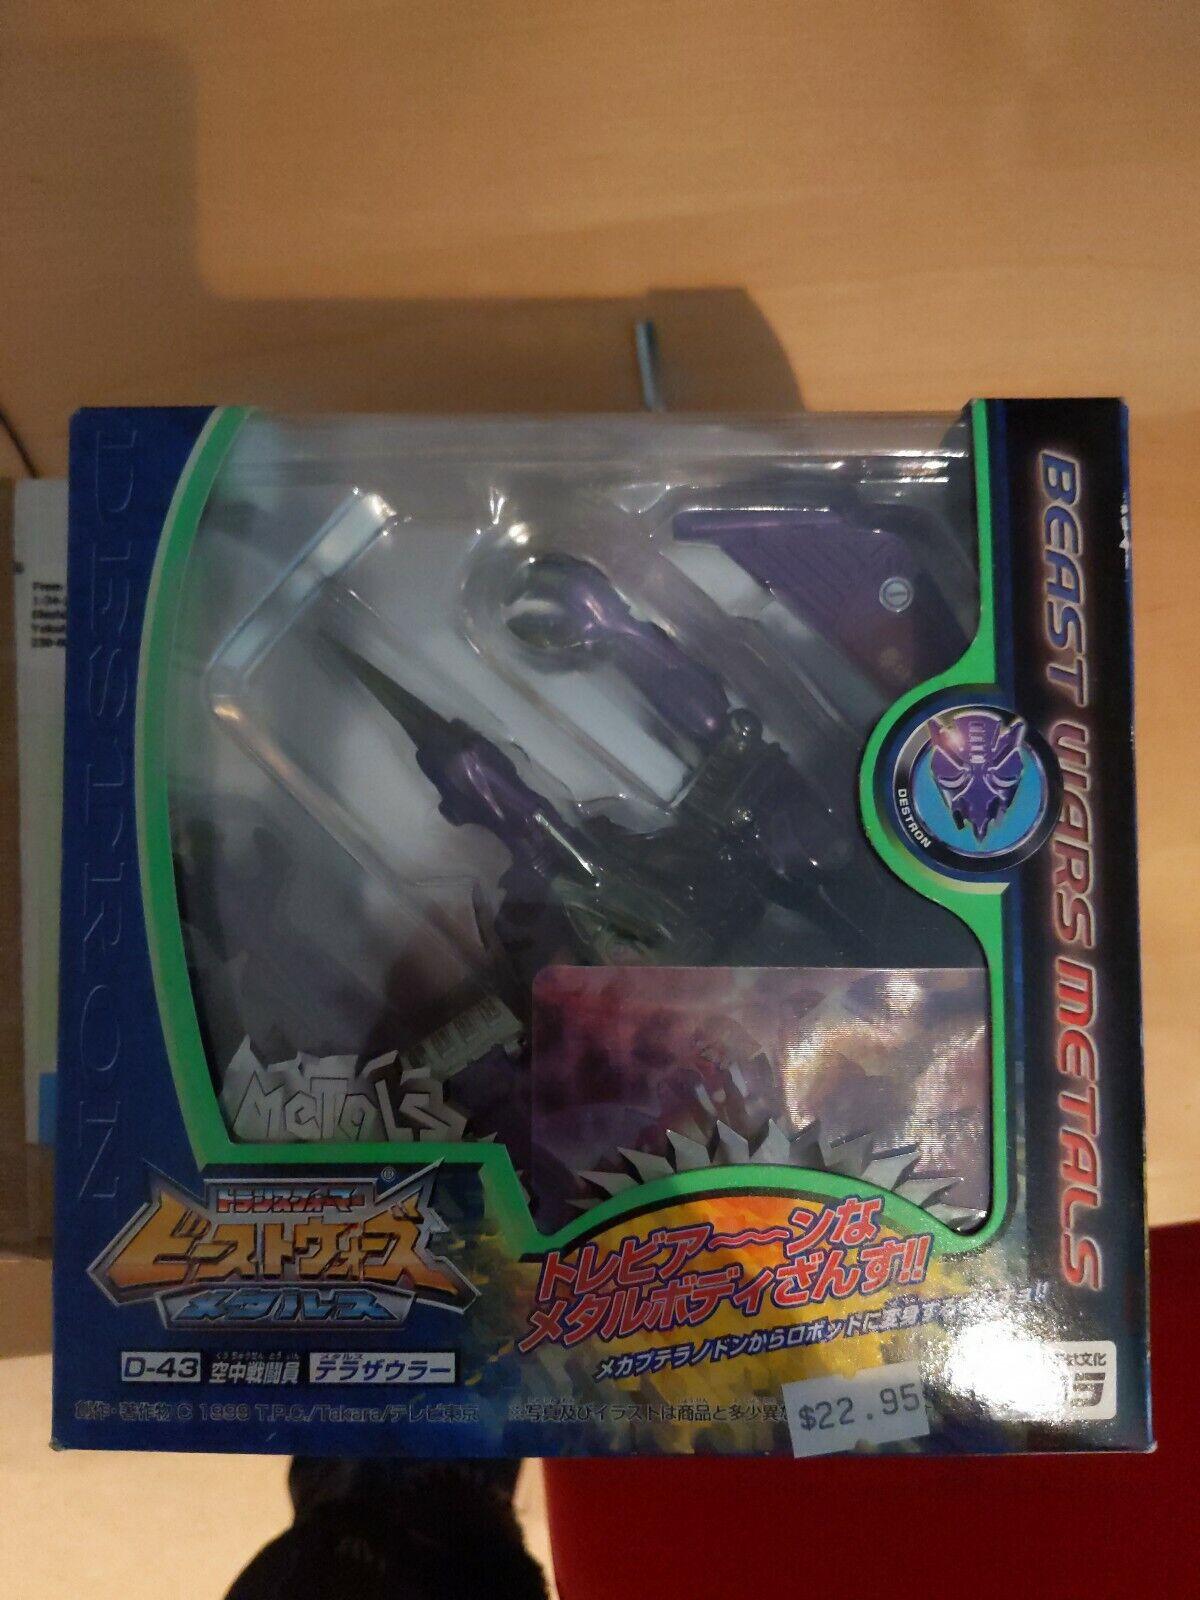 TAKARA Beast Wars Metals D-43 métaux terasaurer figurine  Japon rare Comme neuf en boîte scellée  magasin en ligne de sortie